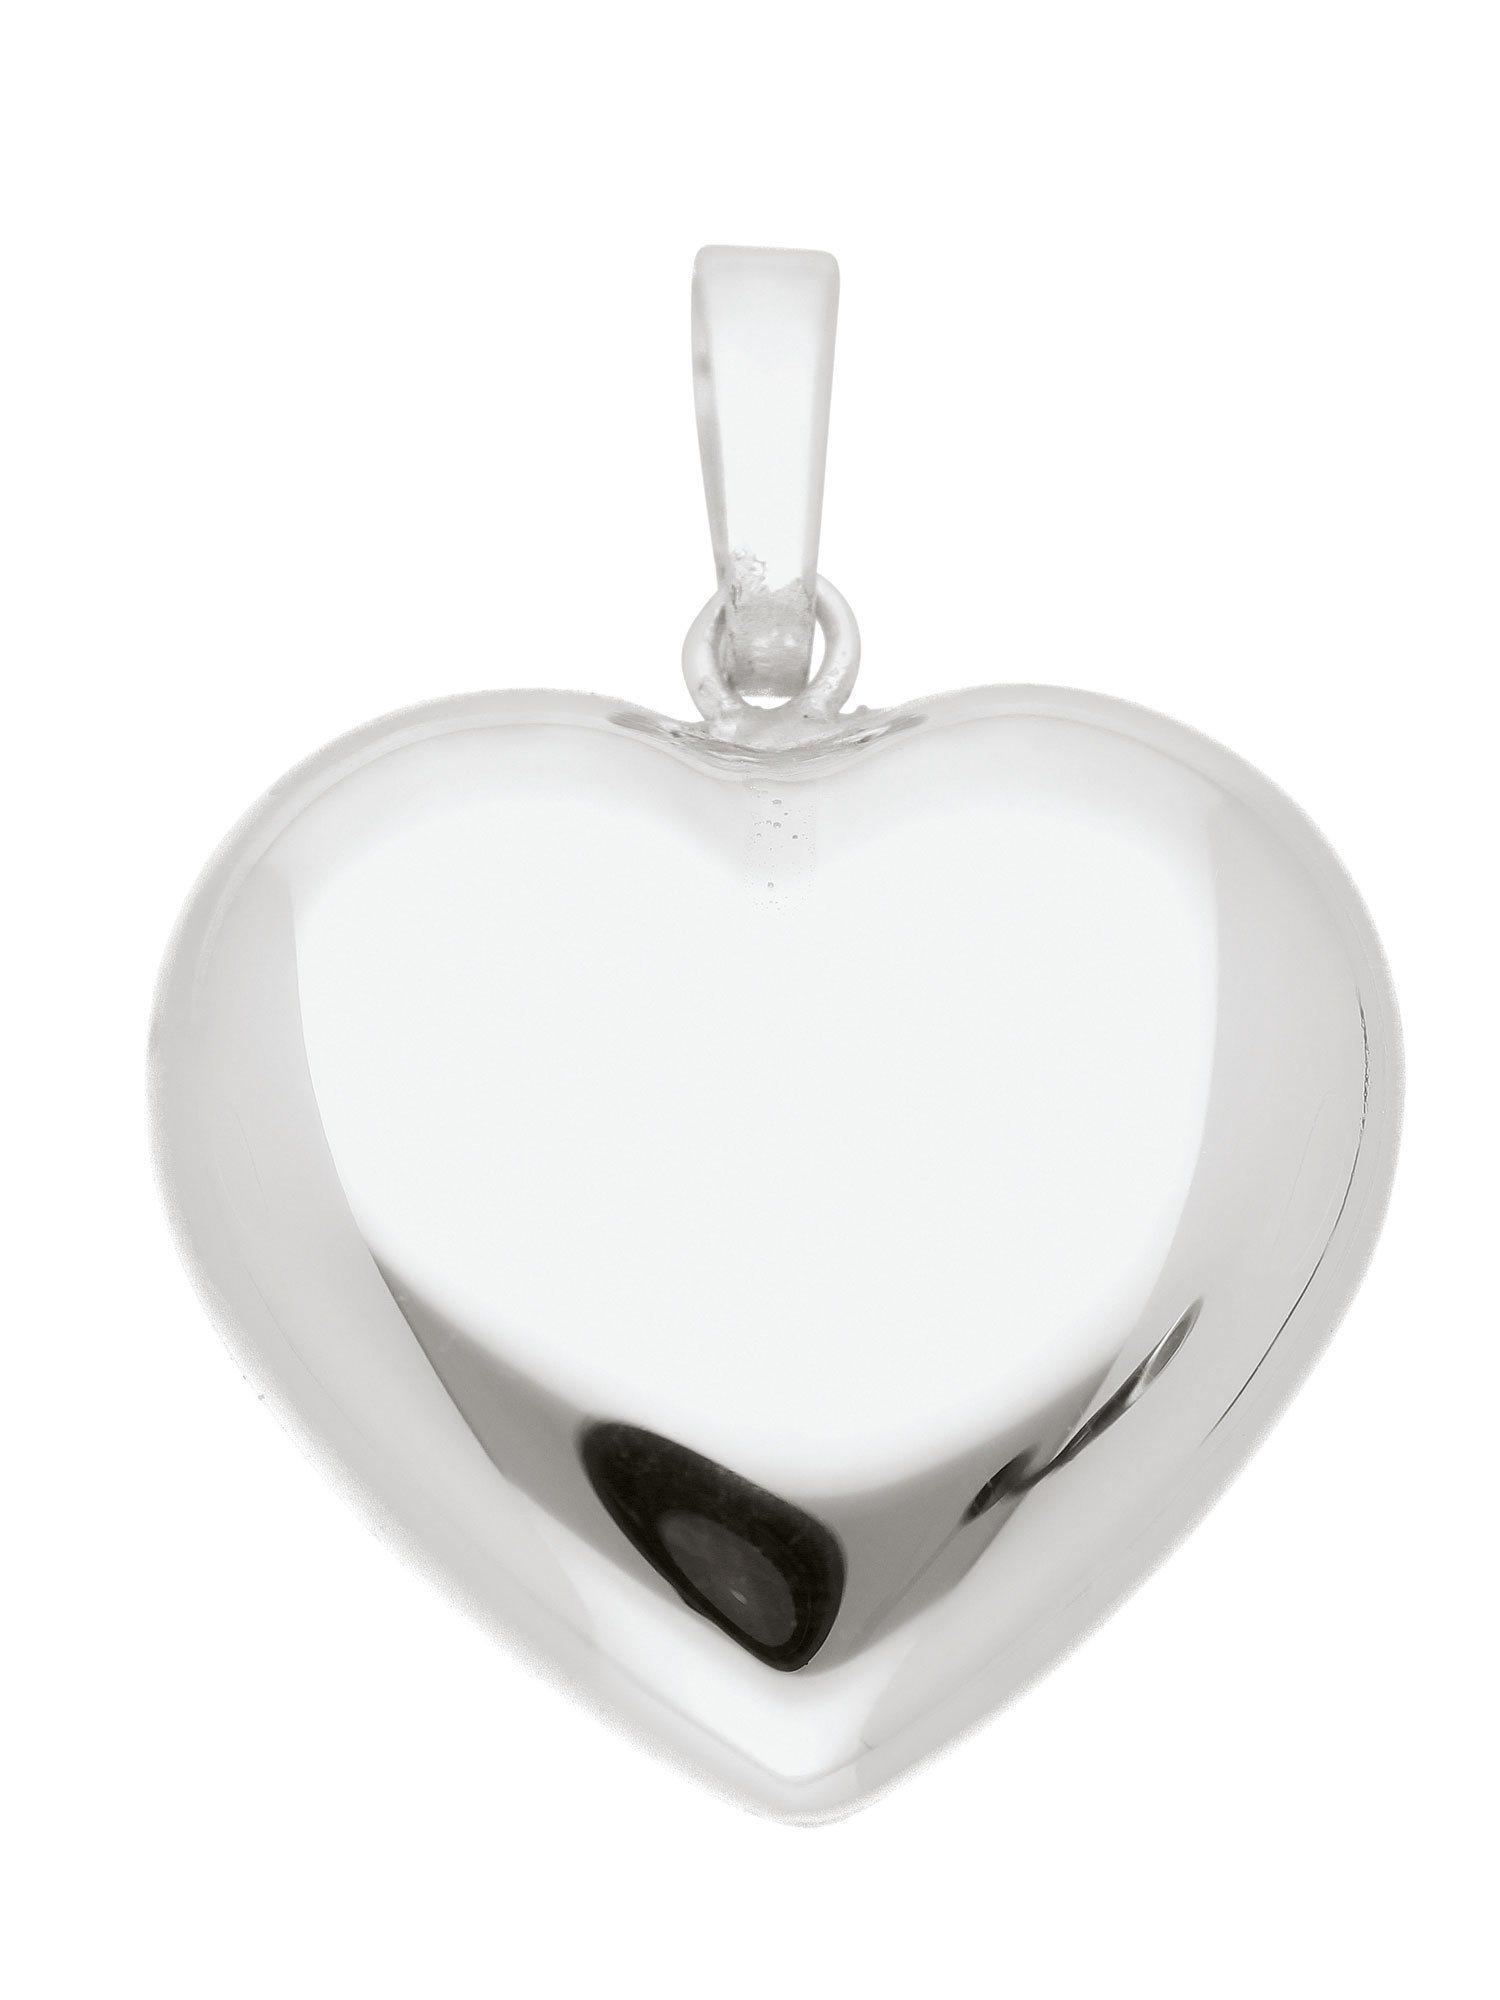 Adelia´s Kettenanhänger »Silber Anhänger« Herz 925 Sterling Silber | Schmuck > Halsketten > Ketten ohne Anhänger | Silber | Adelia´s